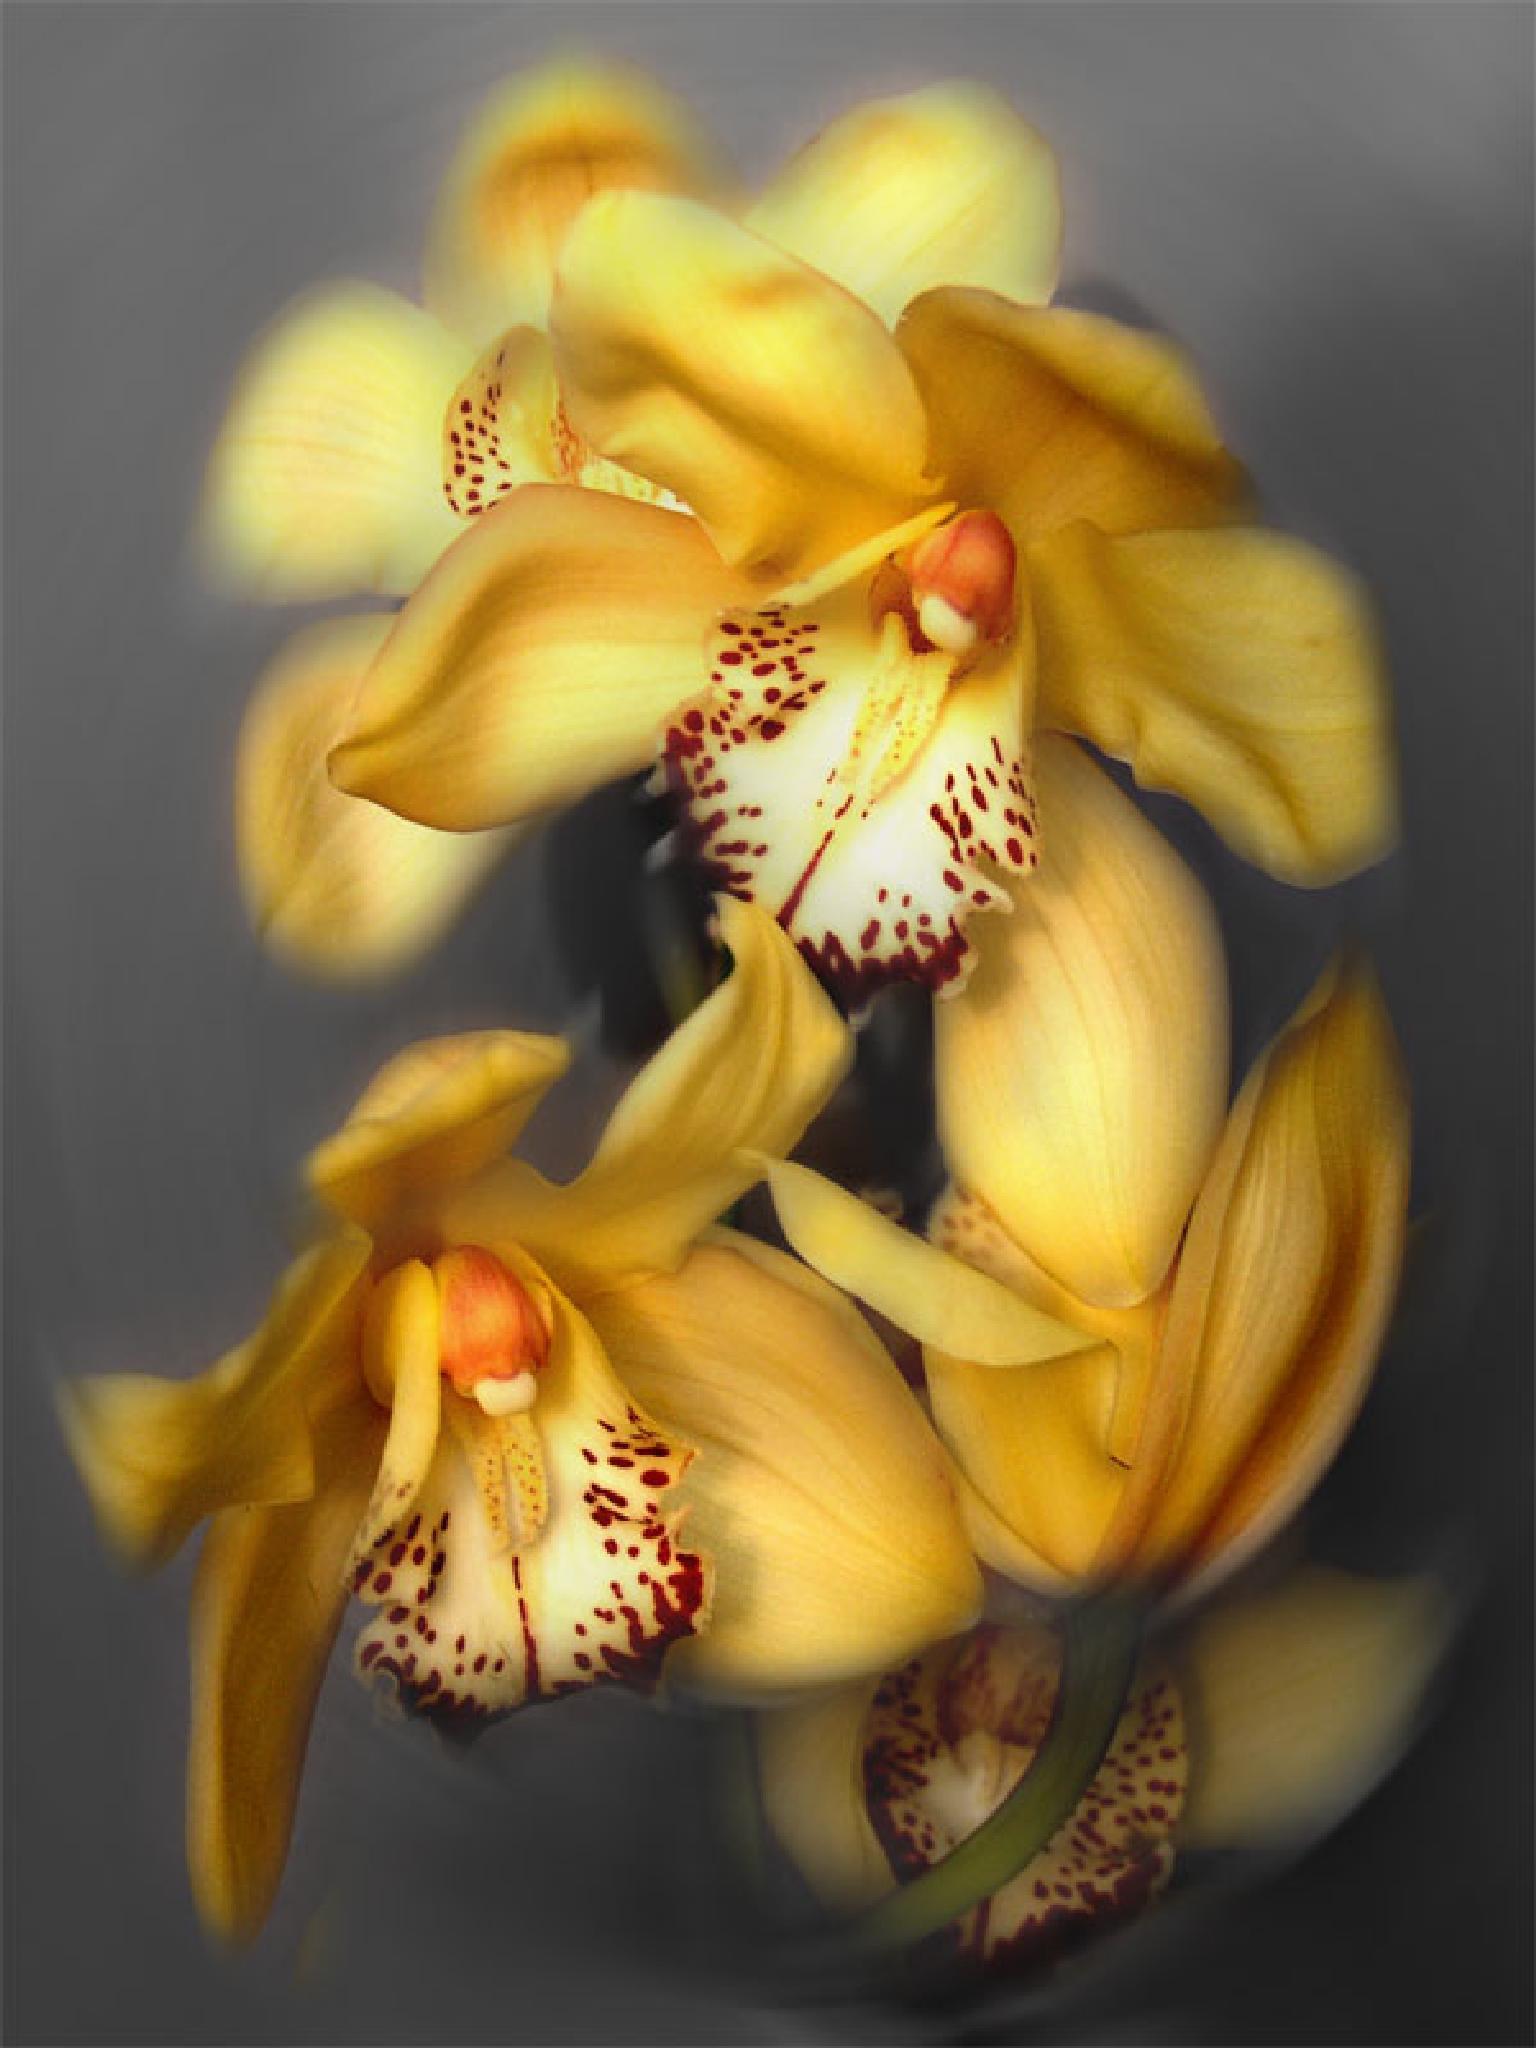 Yellow Cymbidium Orchids by lilia.malor